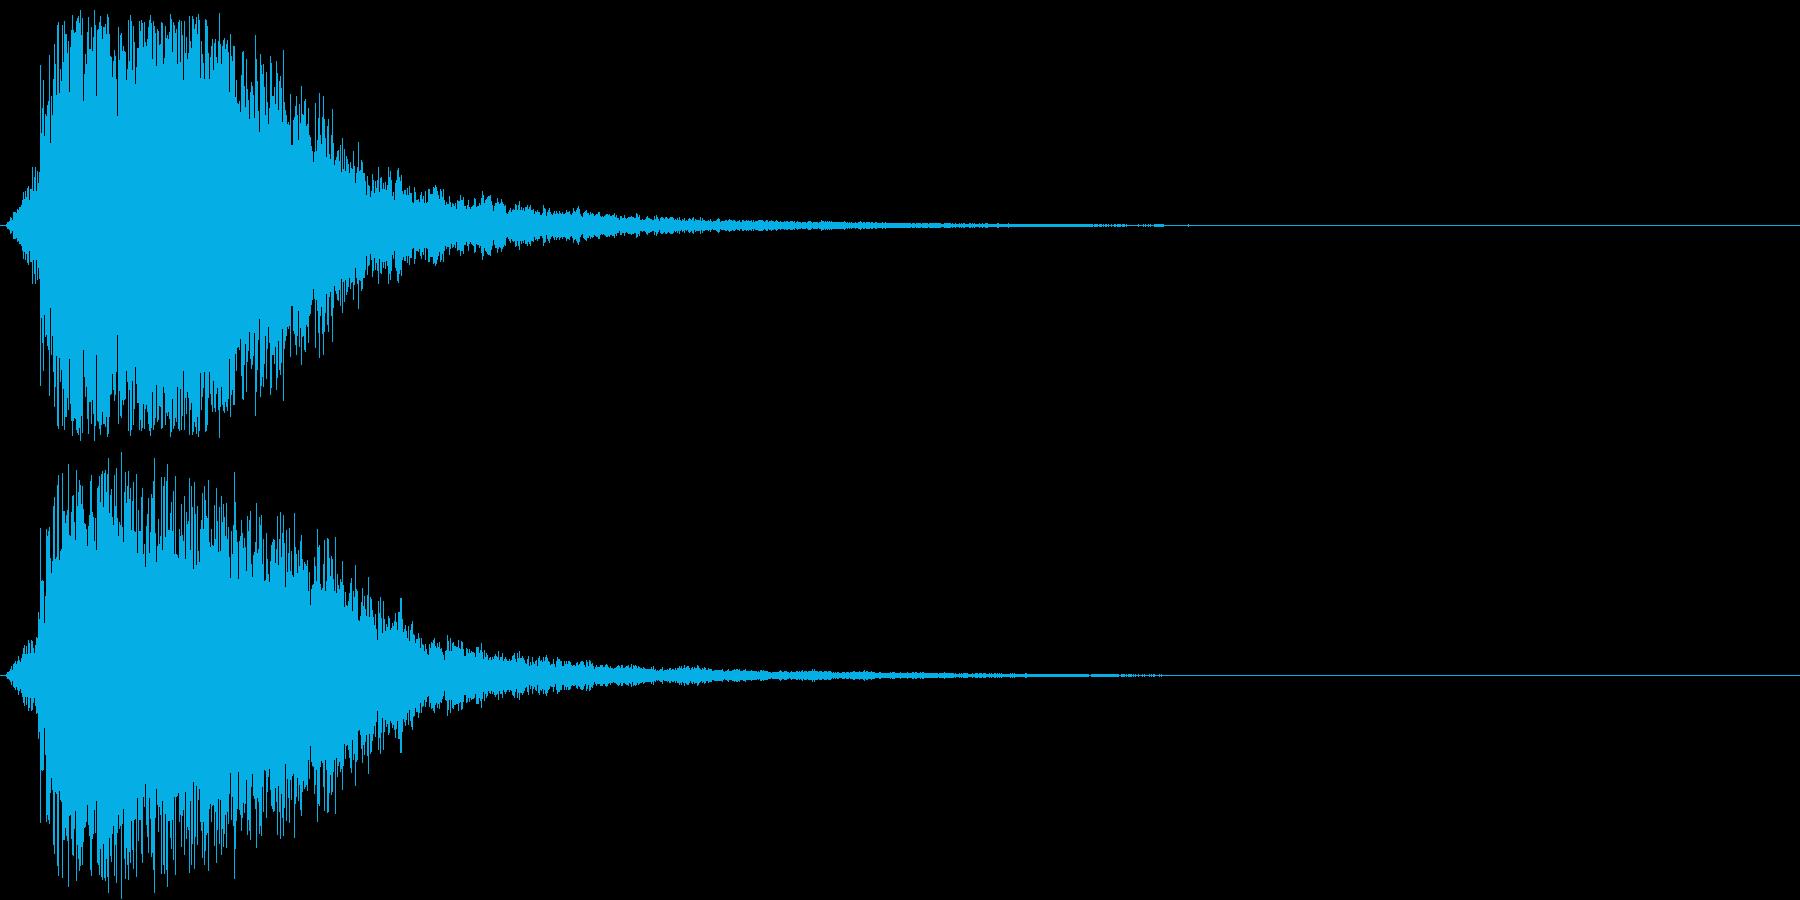 シャキーン(刀や剣、強烈インパクト)3bの再生済みの波形